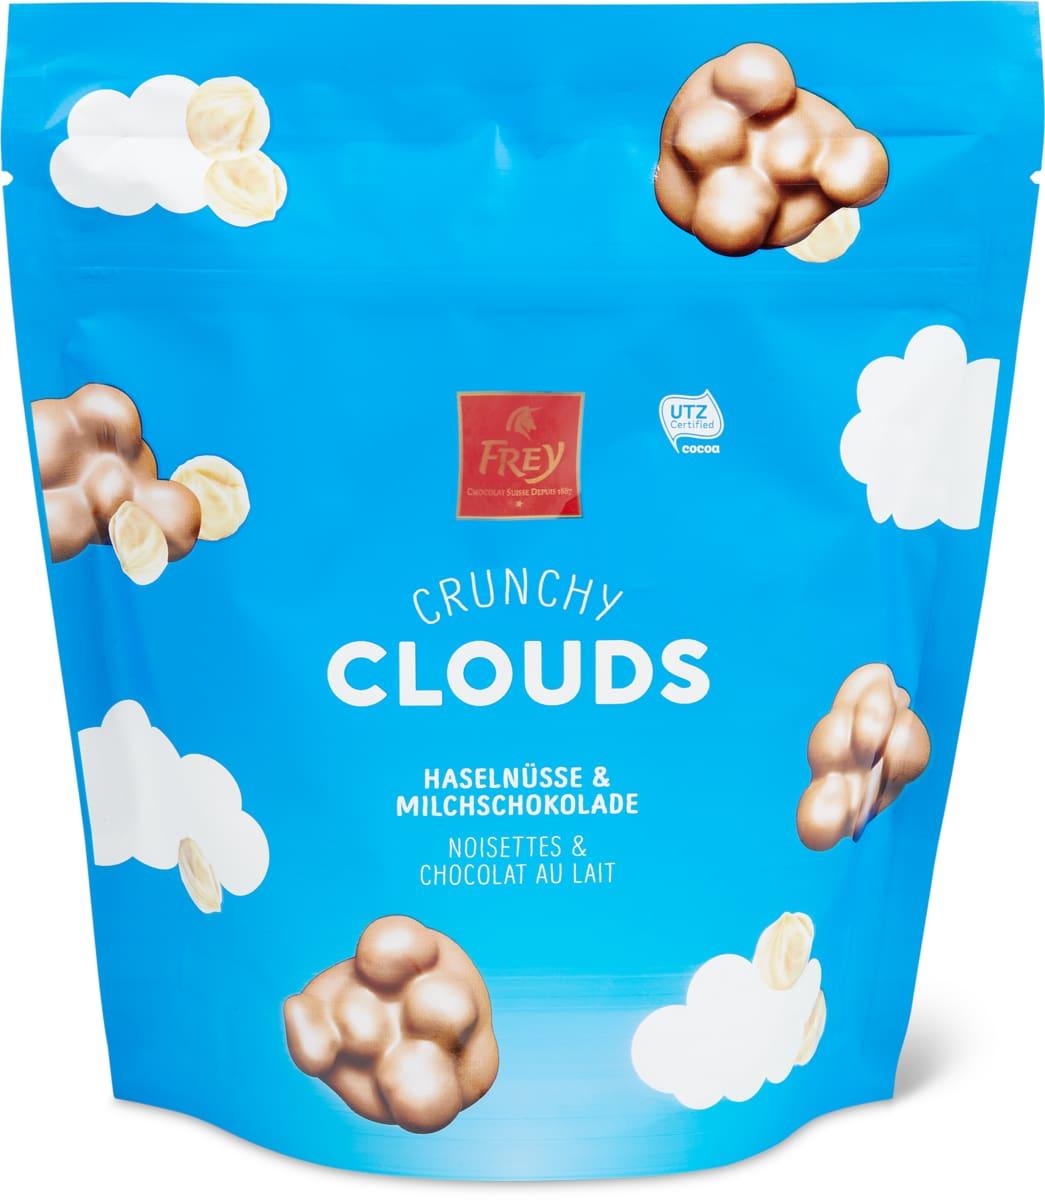 Alle Frey-Crunchy Clouds und -Freylini in Sonderpackung, UTZ